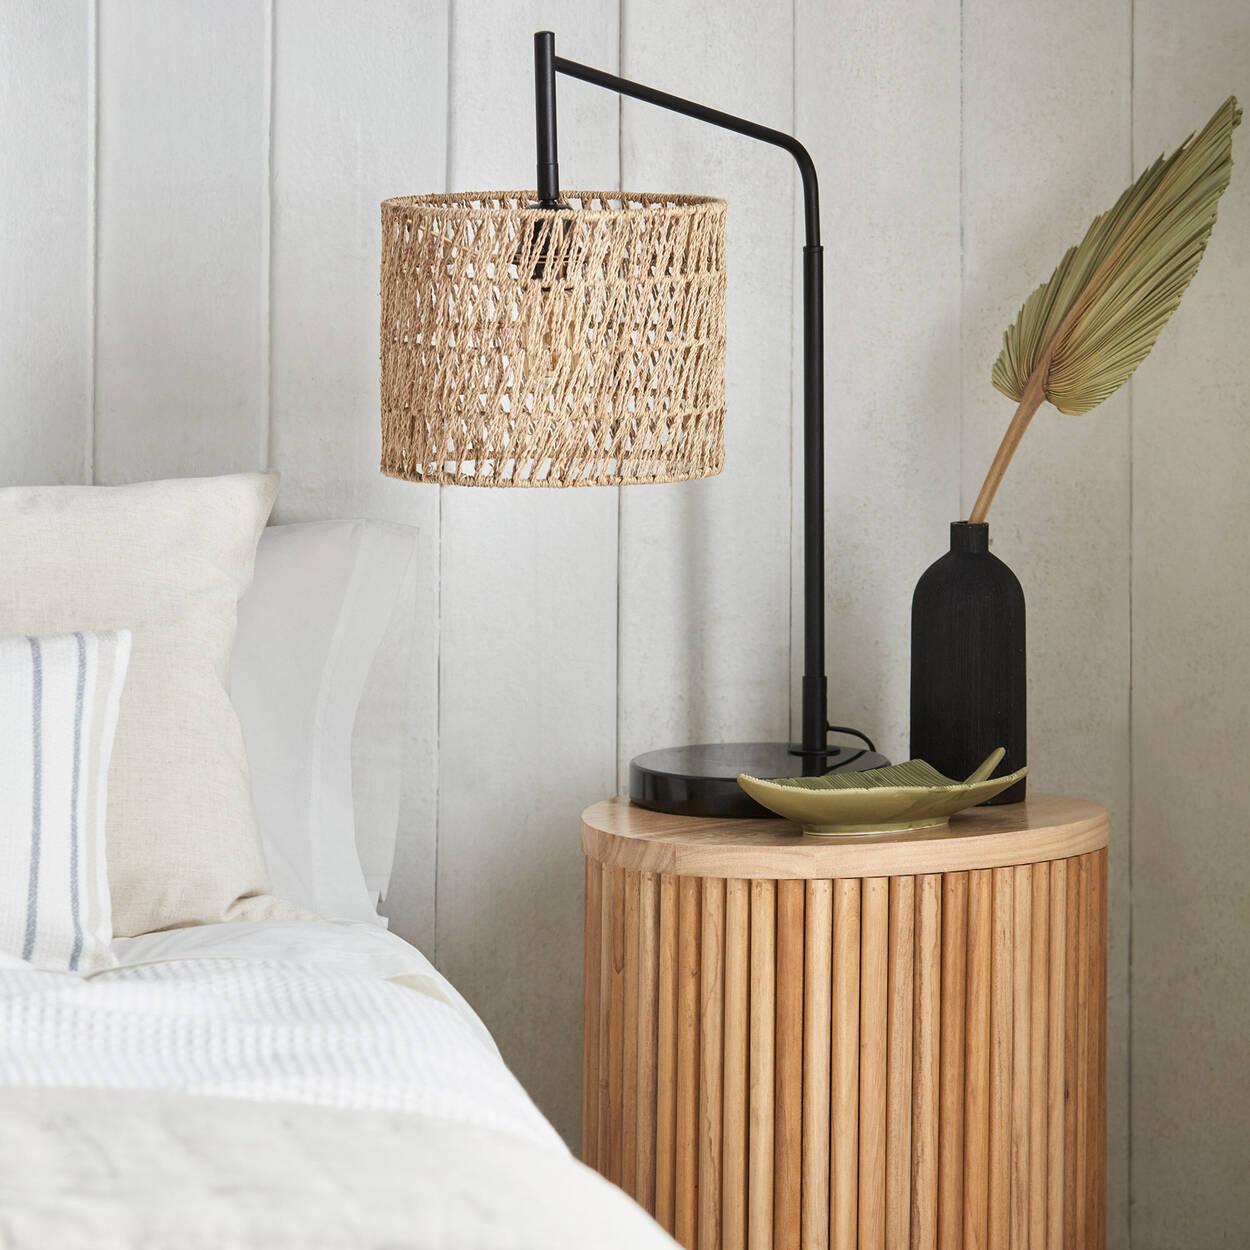 Lampe de table avec abat-jour en rotin et base en marbre